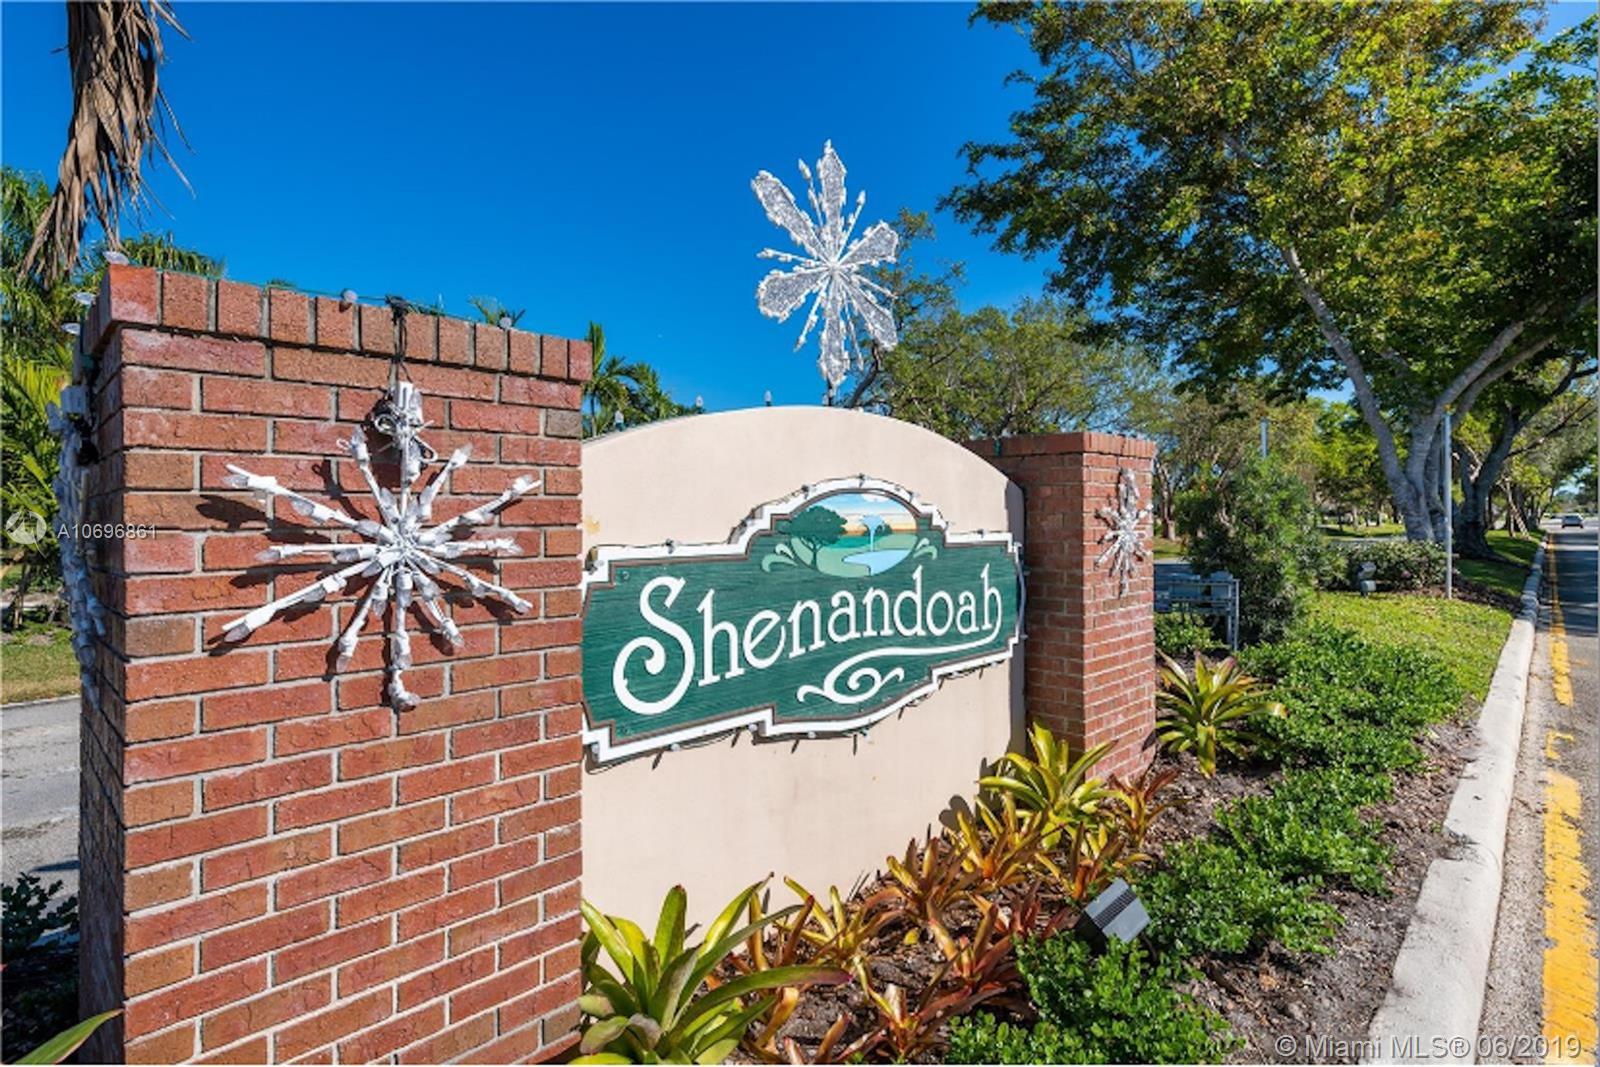 Shenandoah # - 29 - photo